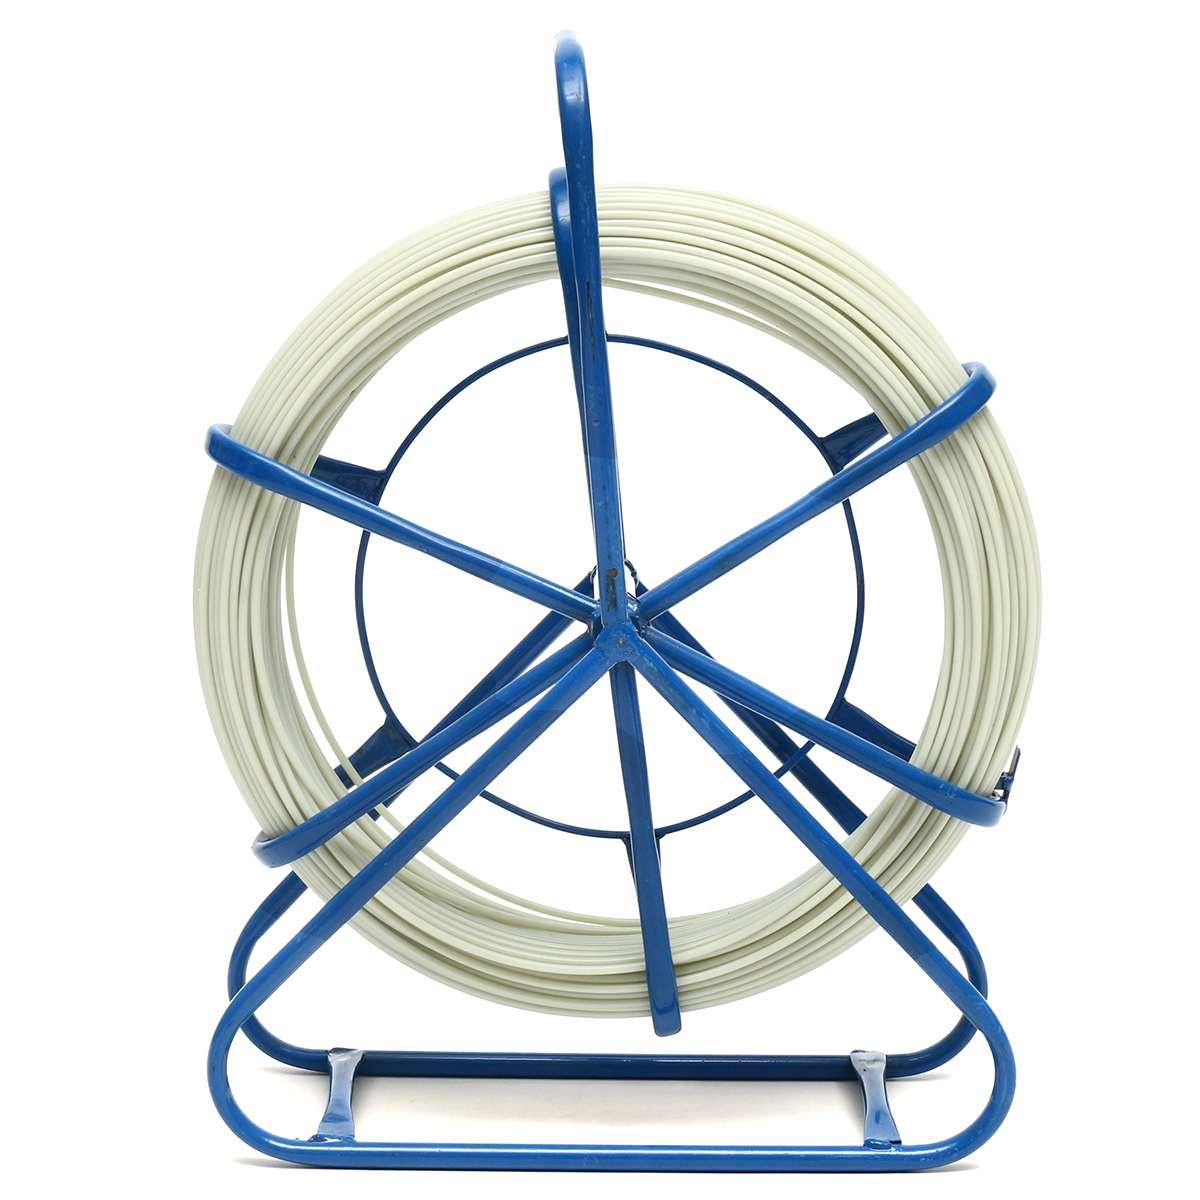 4.8/6mm 100m électrique bobine fil câble en cours d'exécution tige Conduit Rodder poisson bande extracteur utilisé pour télécom mur et sol Conduit - 3